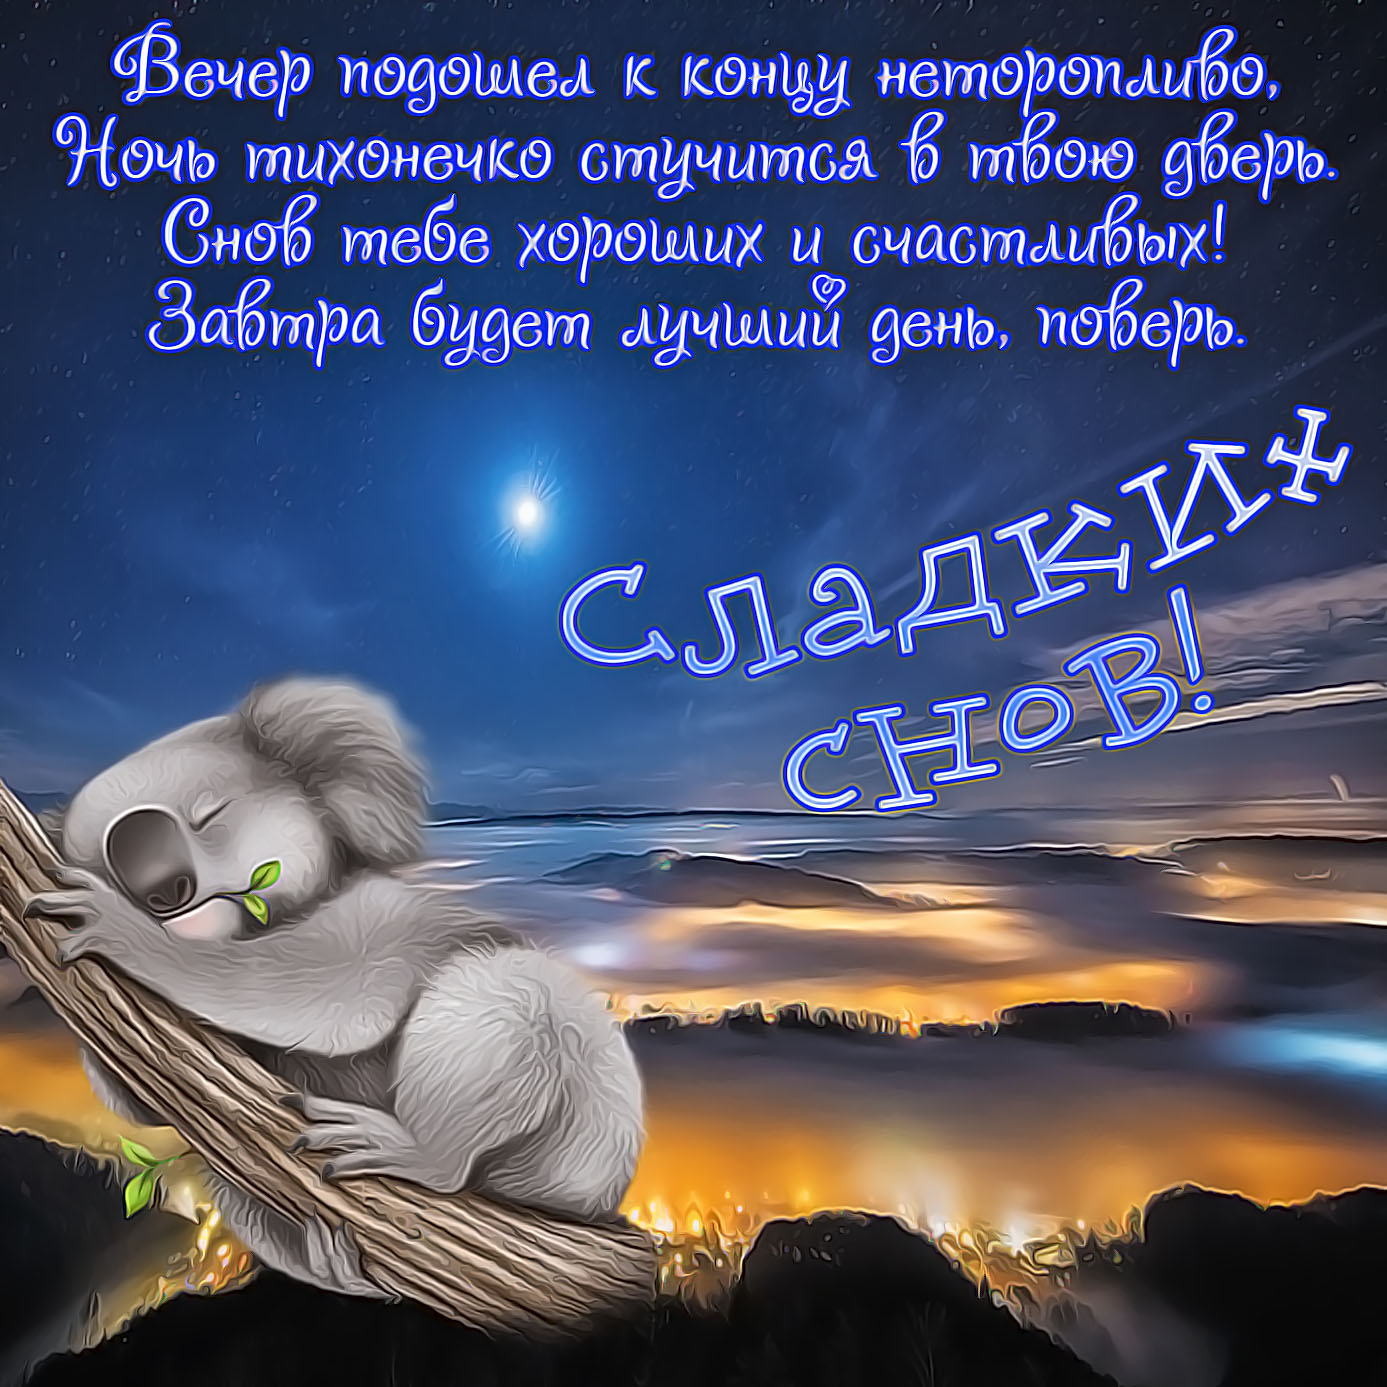 Сладких снов любимая открытки фото